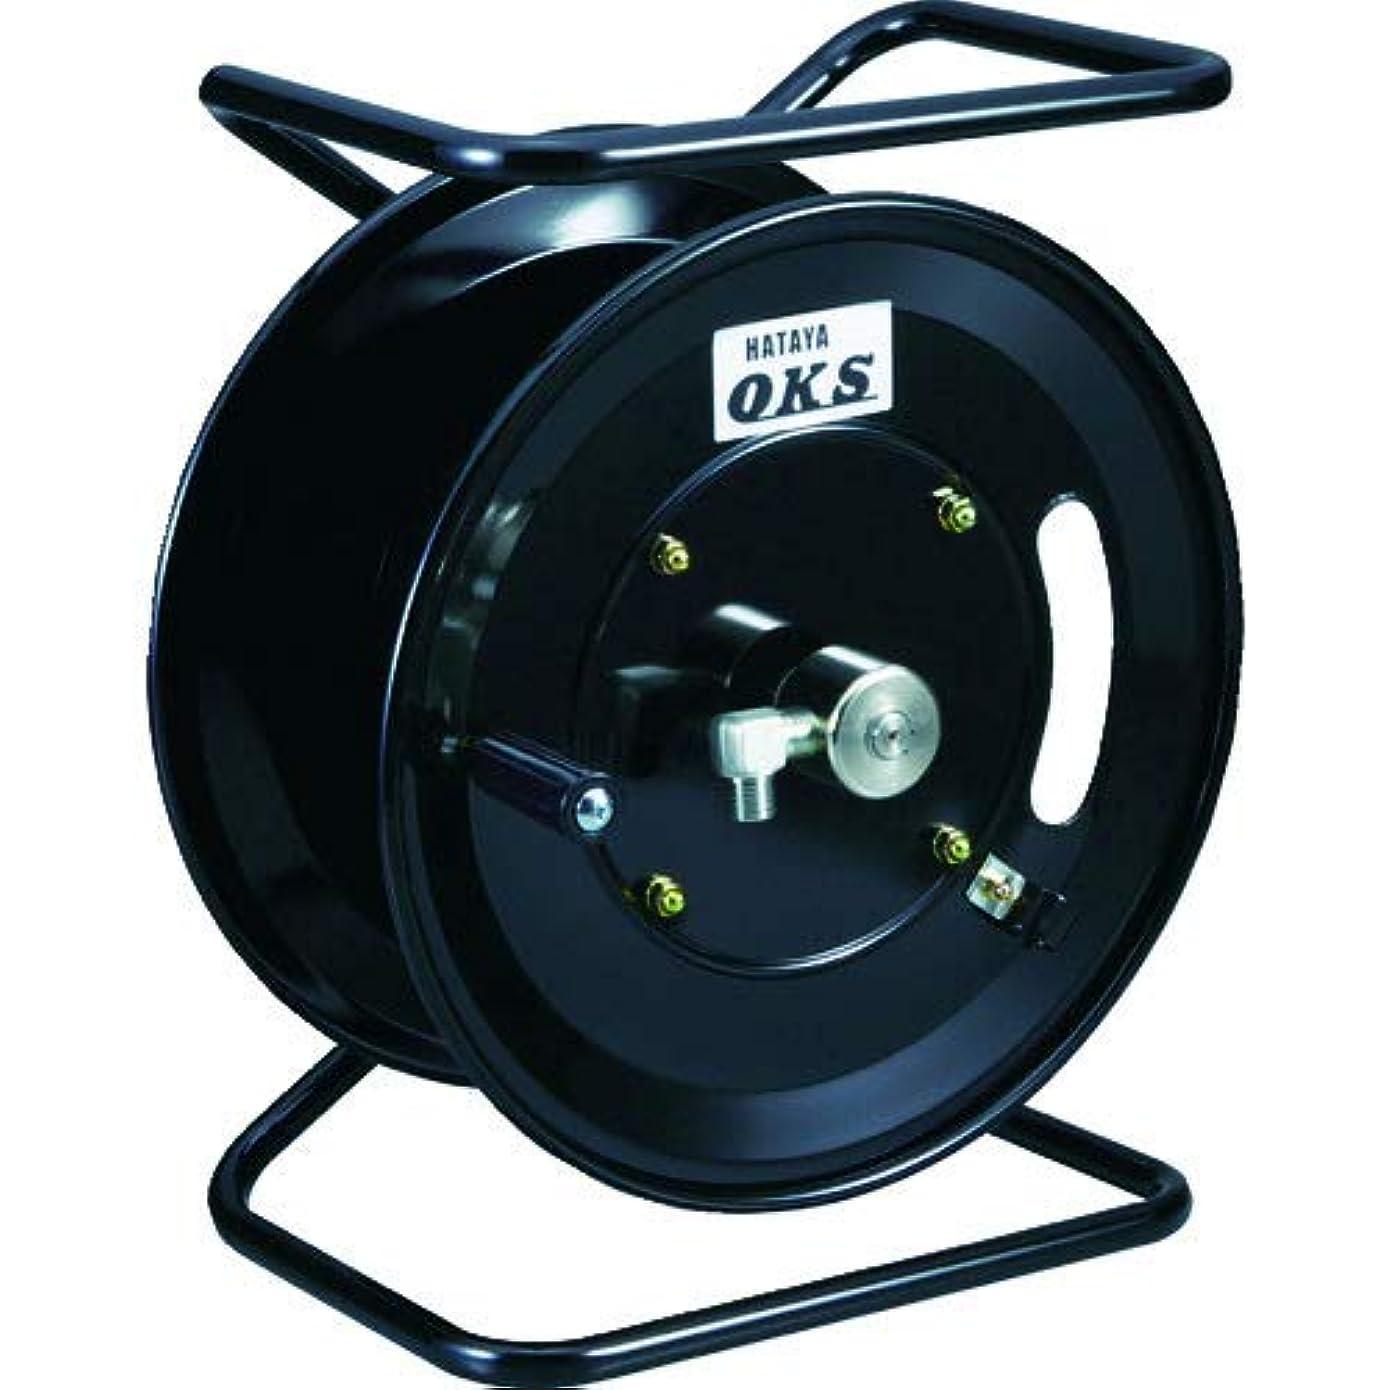 裁判所無駄だ純粋にOKS 高圧ホースリール 耐圧20.5MPa 手動巻移動スタンド型(ホースなし) HSP12MS